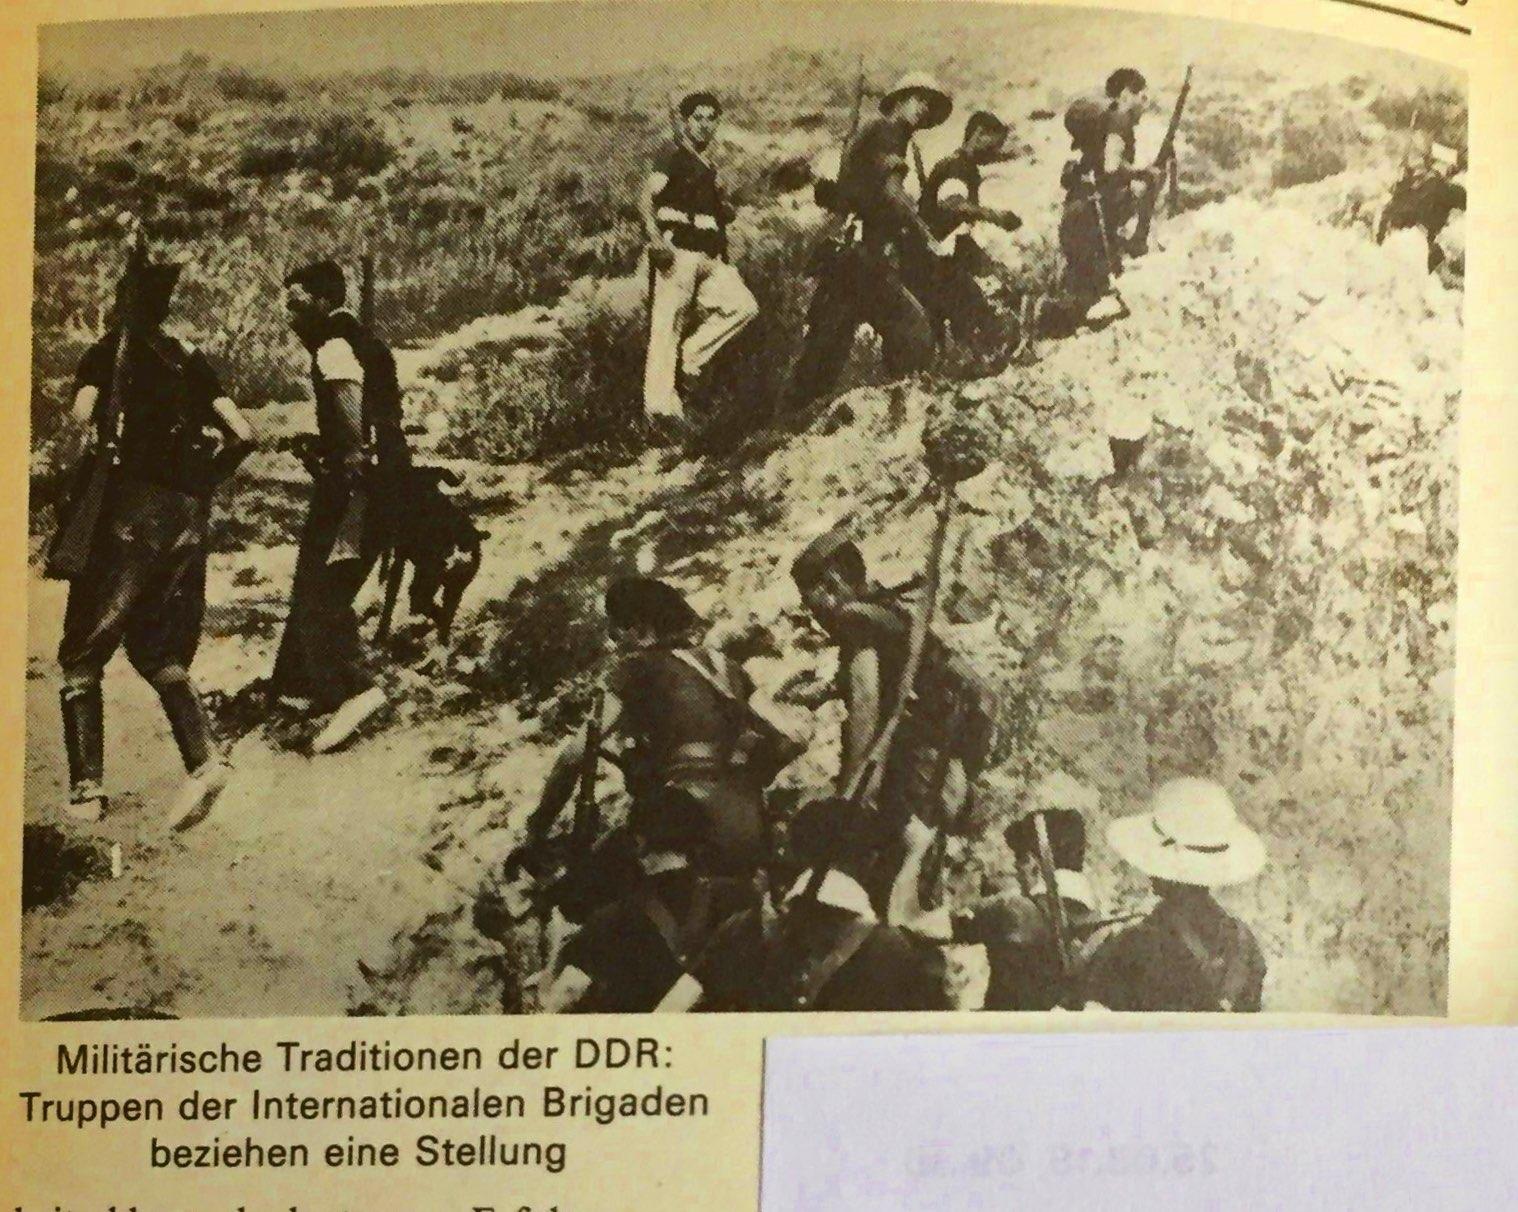 Die militärischen Traditionen der DDR